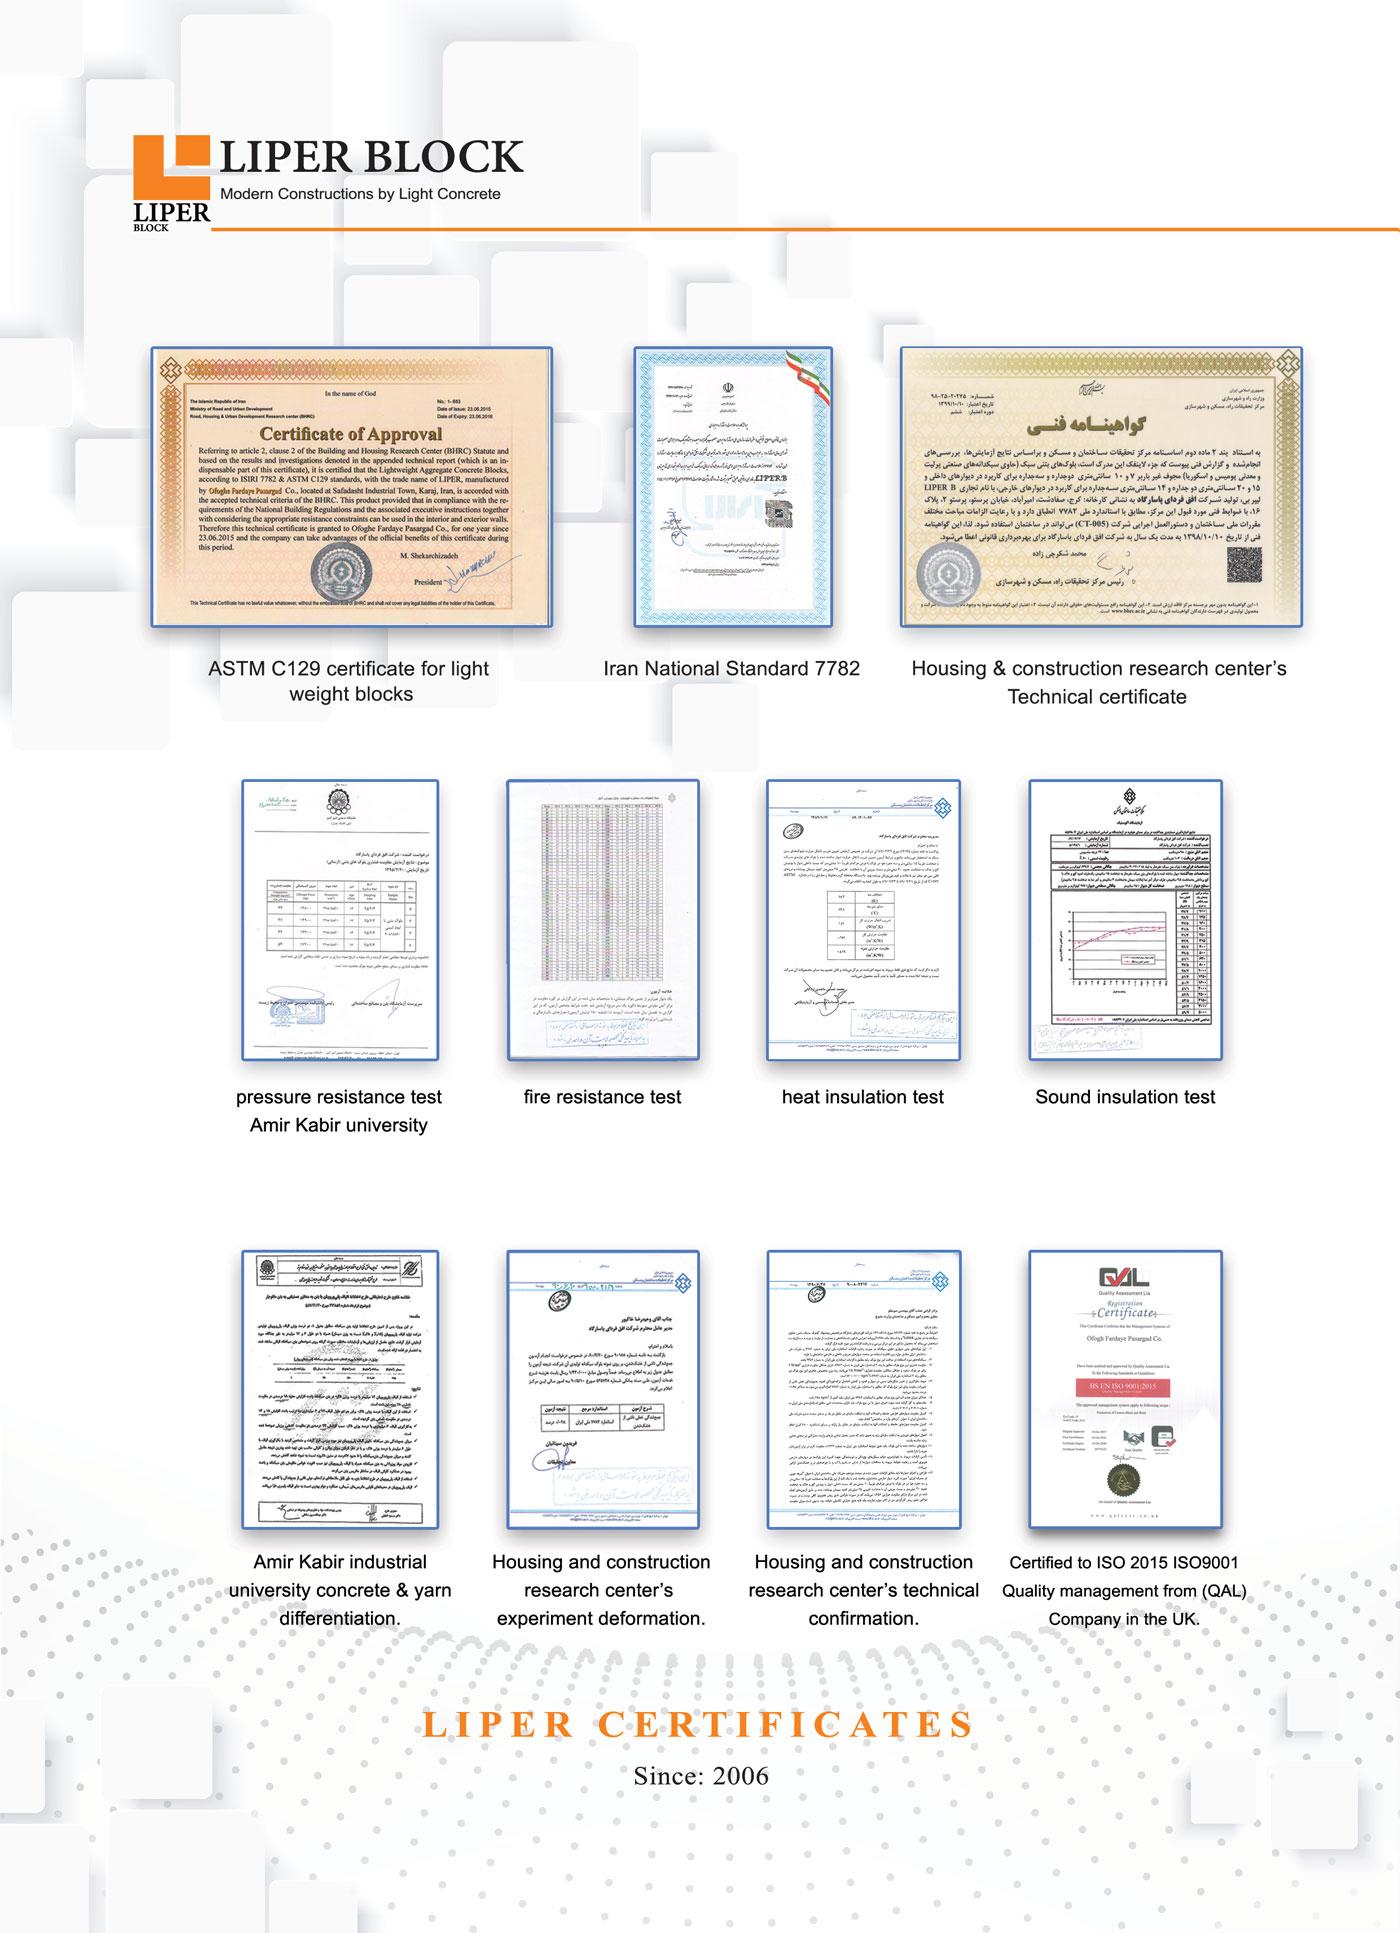 گواهینامه های بلوک سبک لیپر